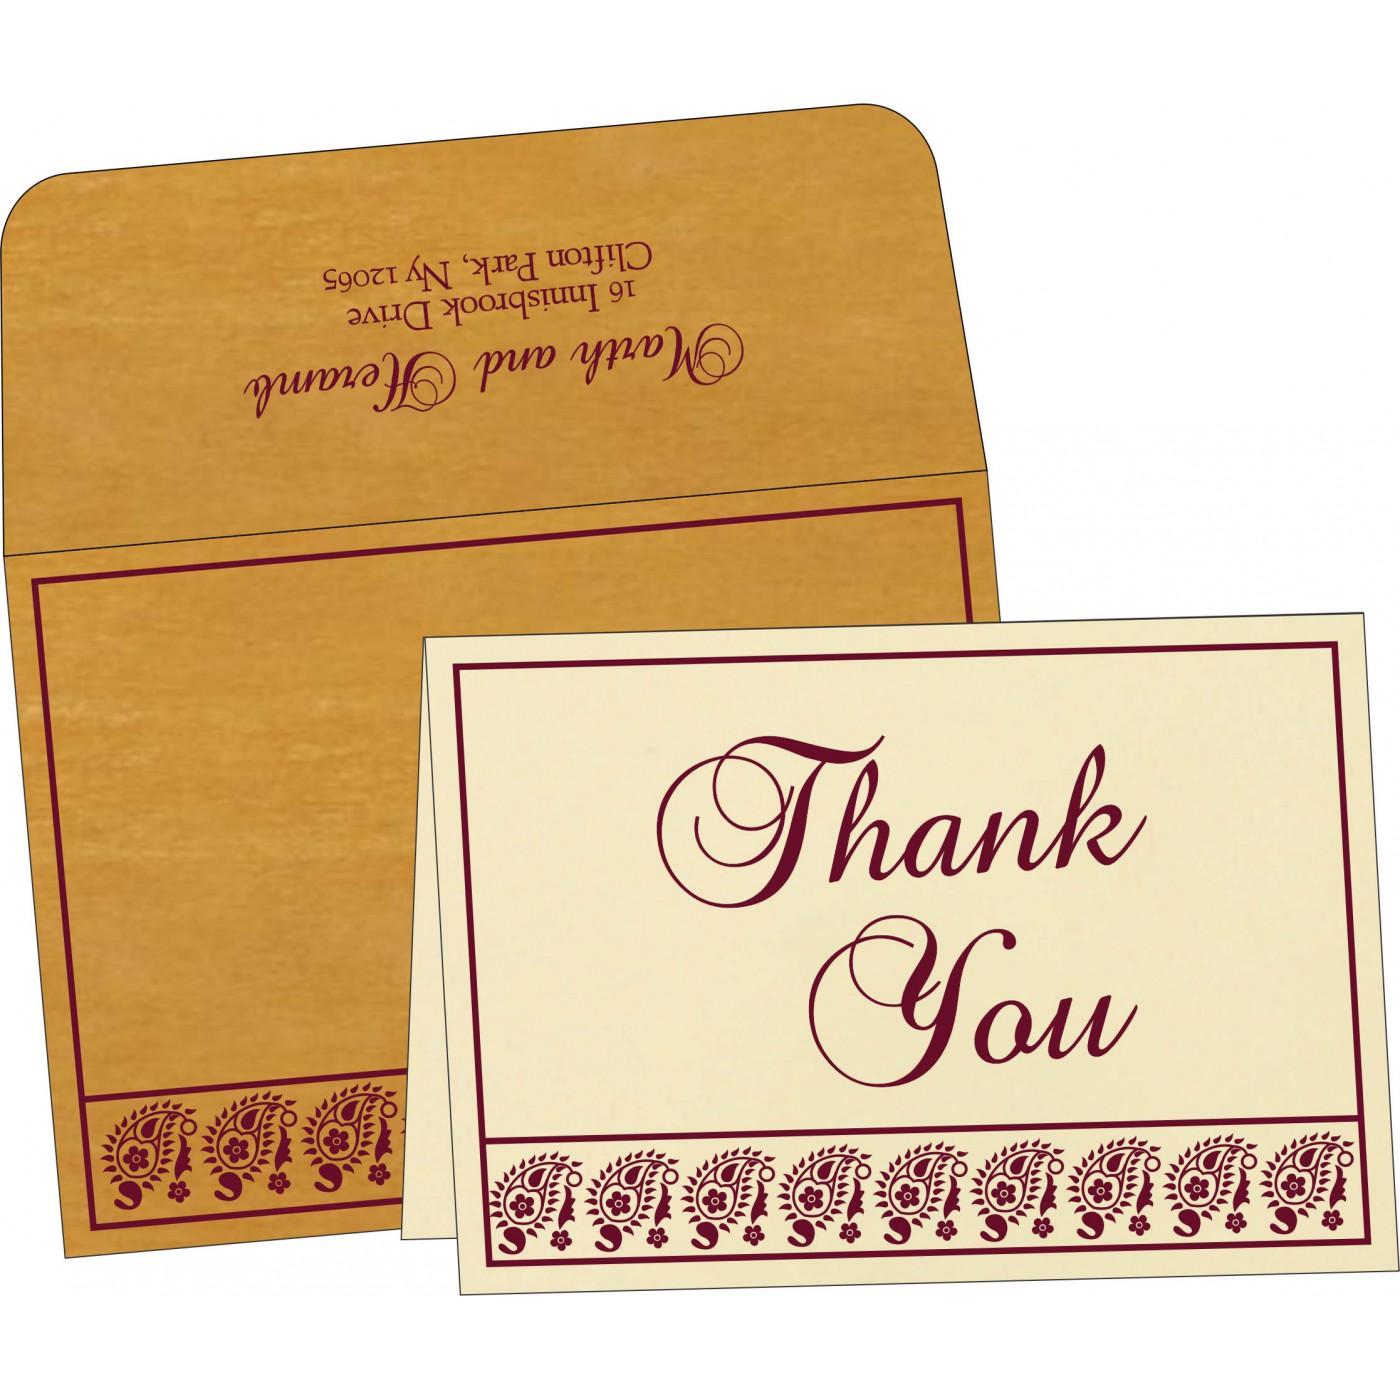 Thank You Cards : TYC-8218N - 123WeddingCards